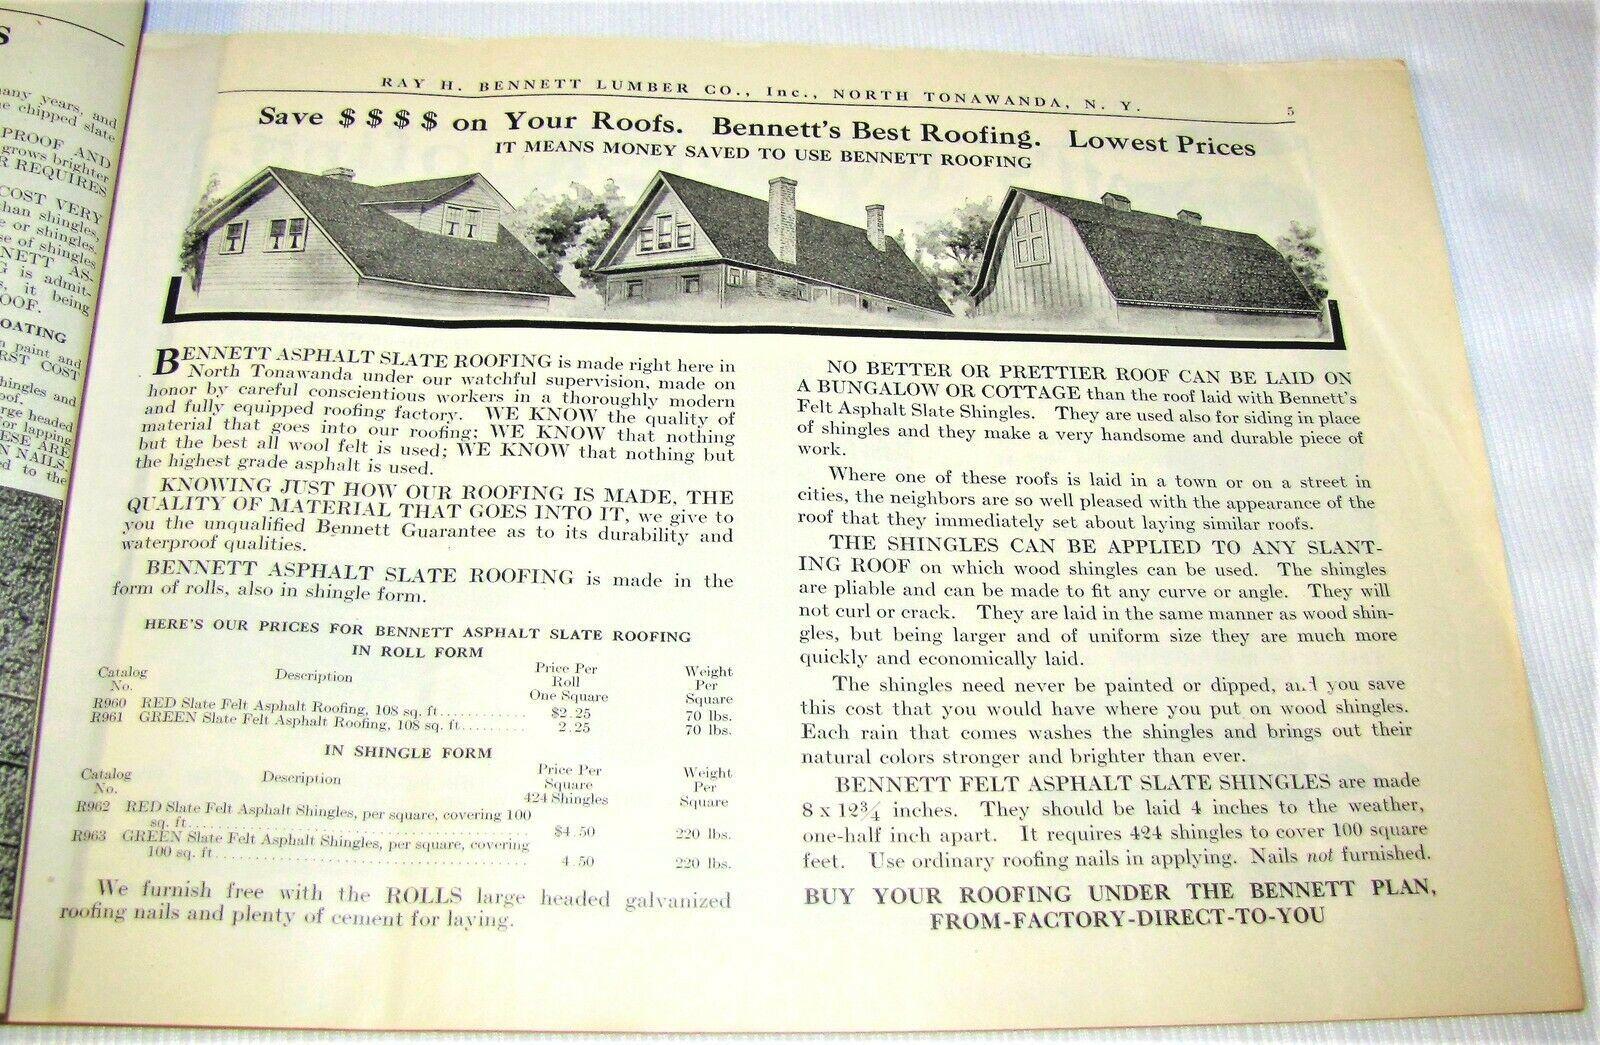 Builders Hardware Roofing, catalog (Bennett Lumber Co., c1910) 2.jpg